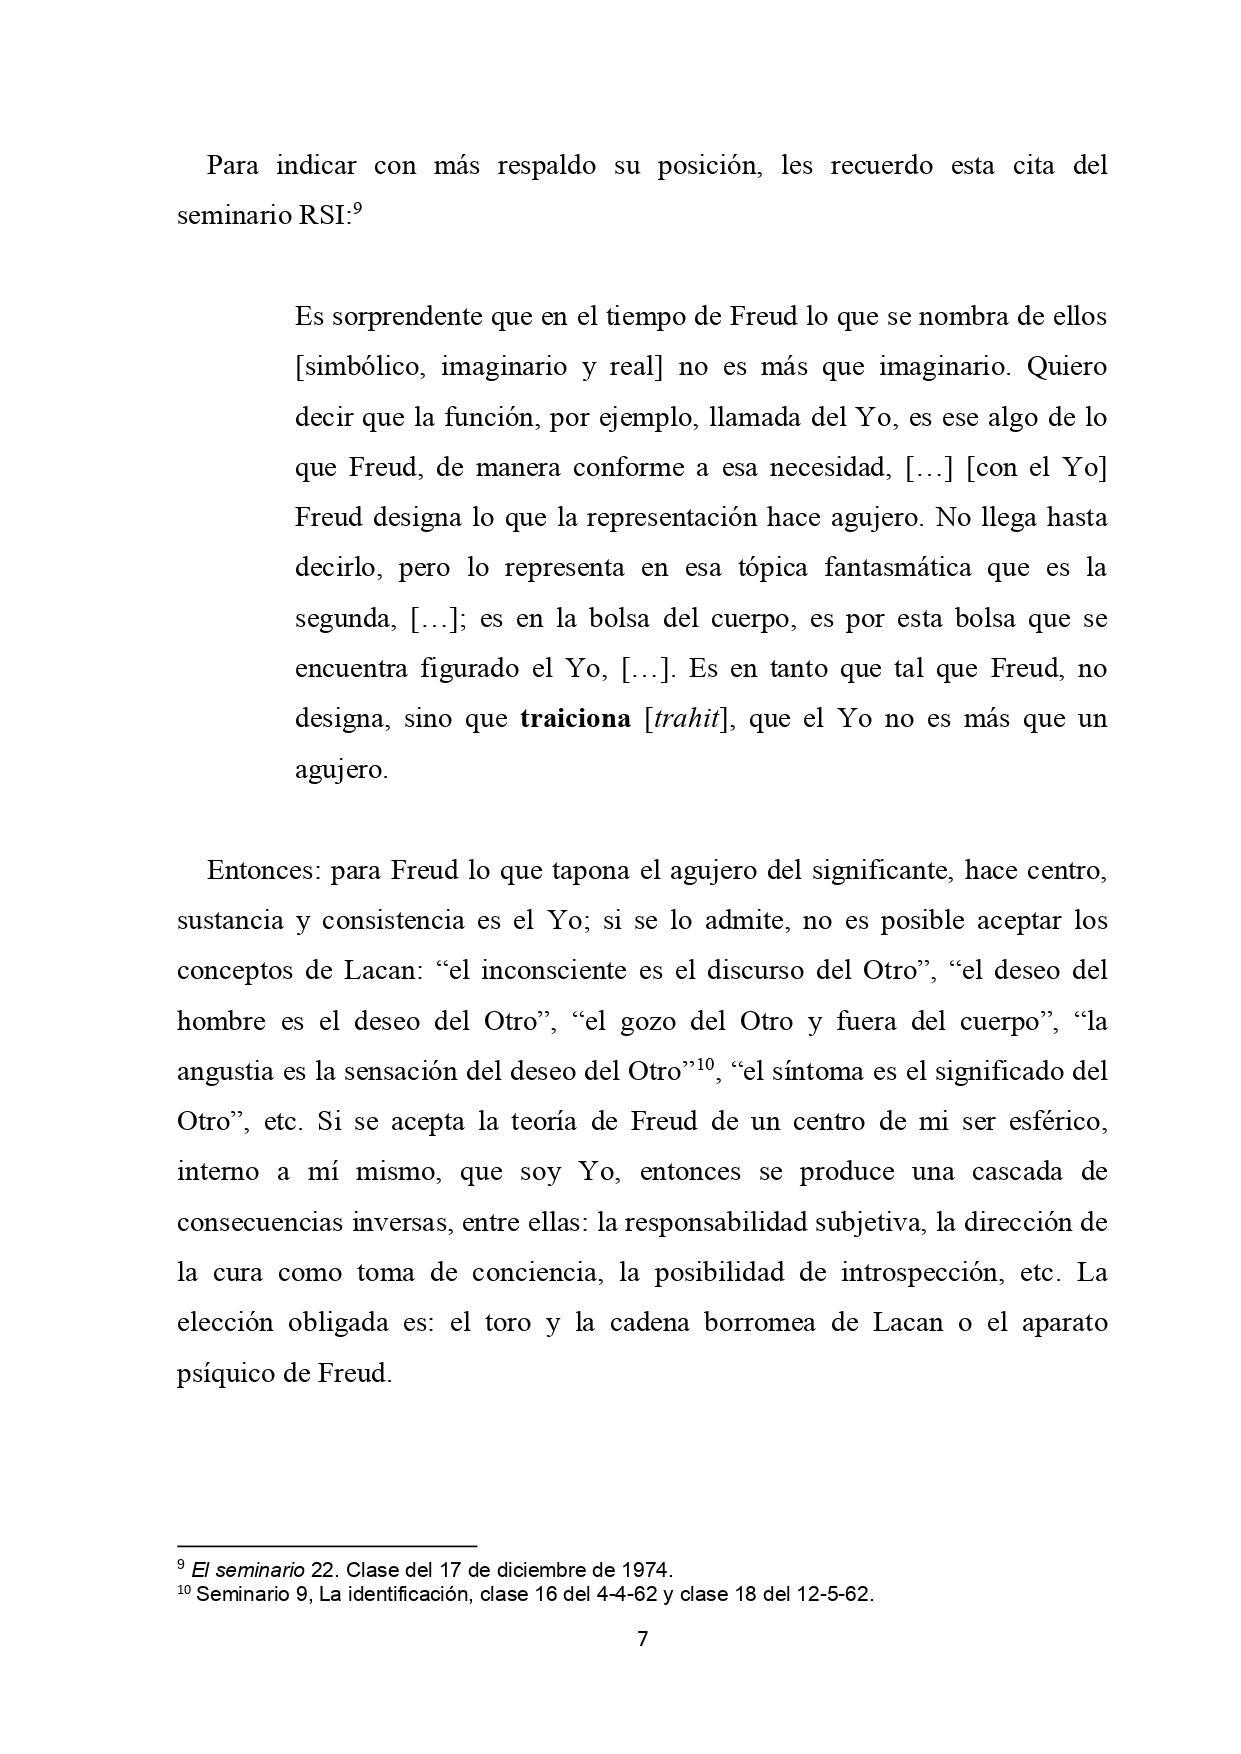 101_La topología de Lacan APOLa 16-4-2020 B (1)_page-0007